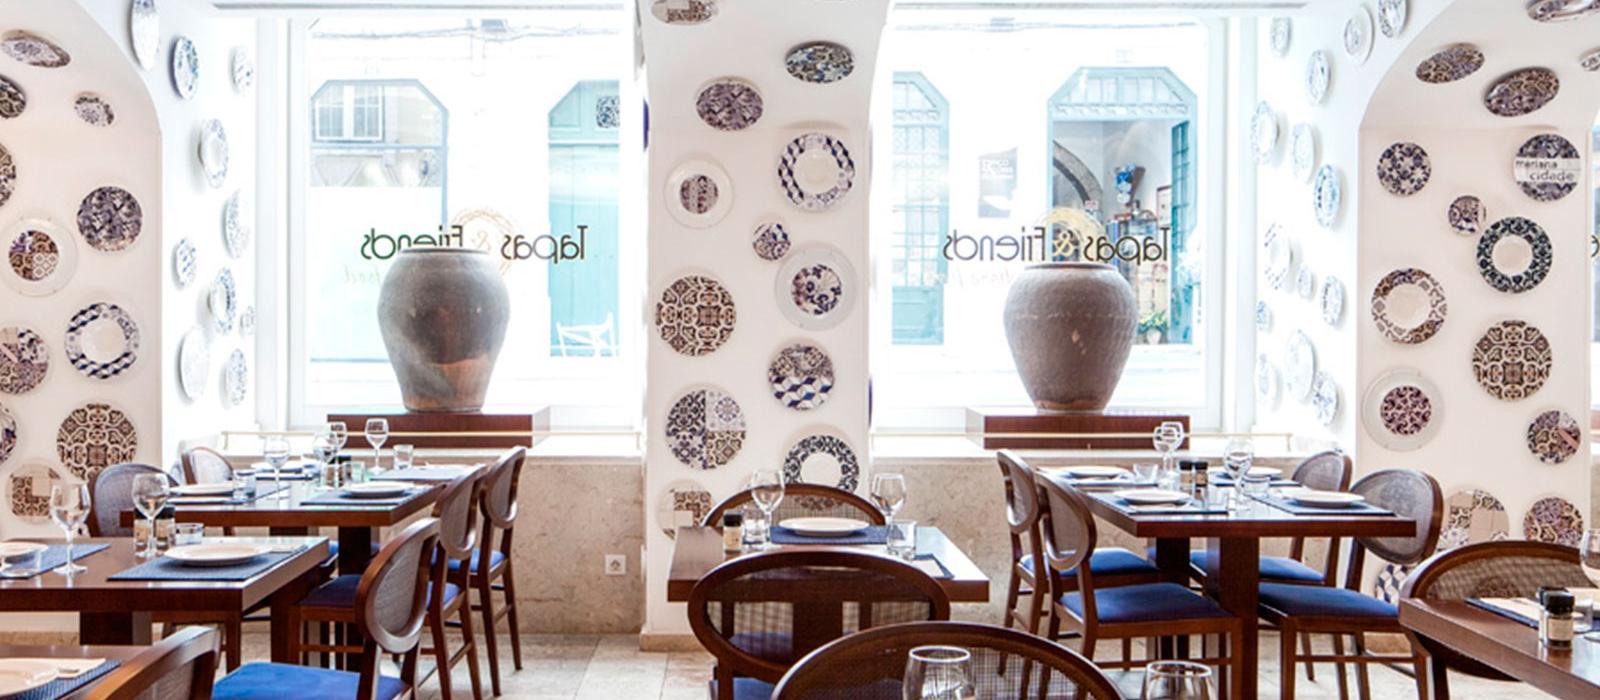 Serviços Hotel Lisboa Baixa - Vincci Hoteles - Comercio 36